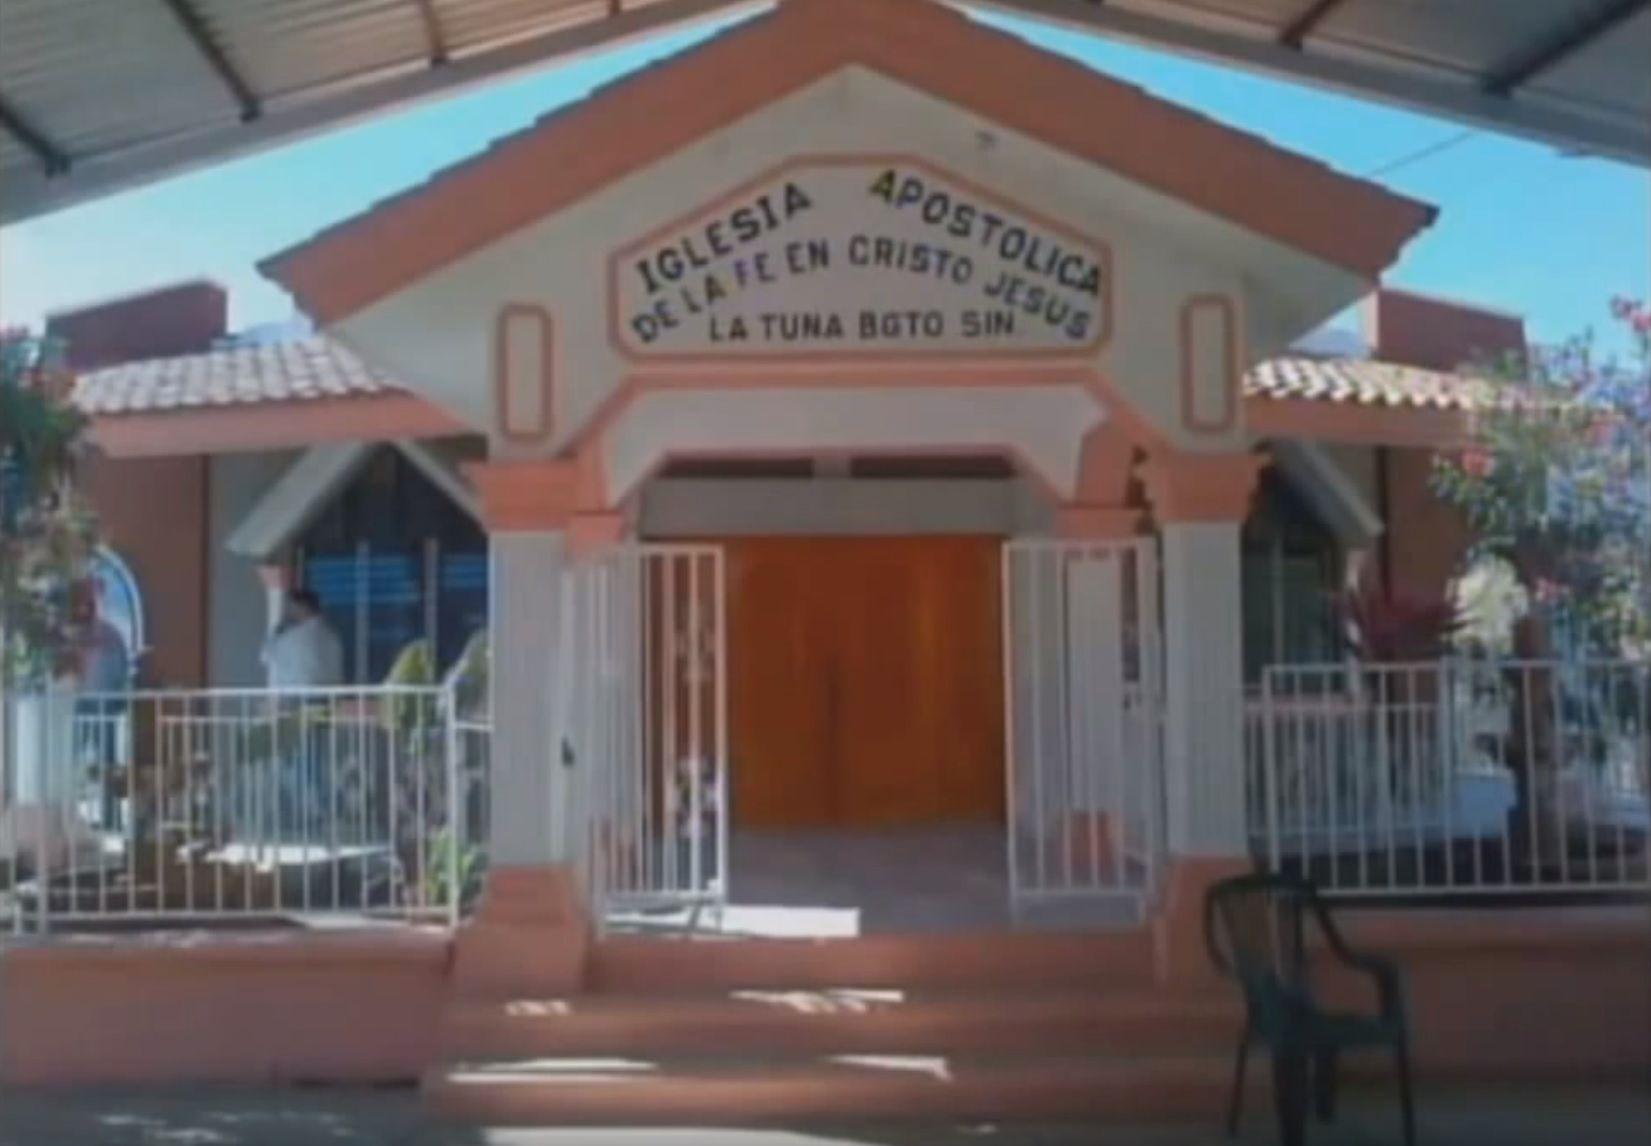 La construcción de la iglesia se habría realizado en 1989 (Foto: captura de pantalla)